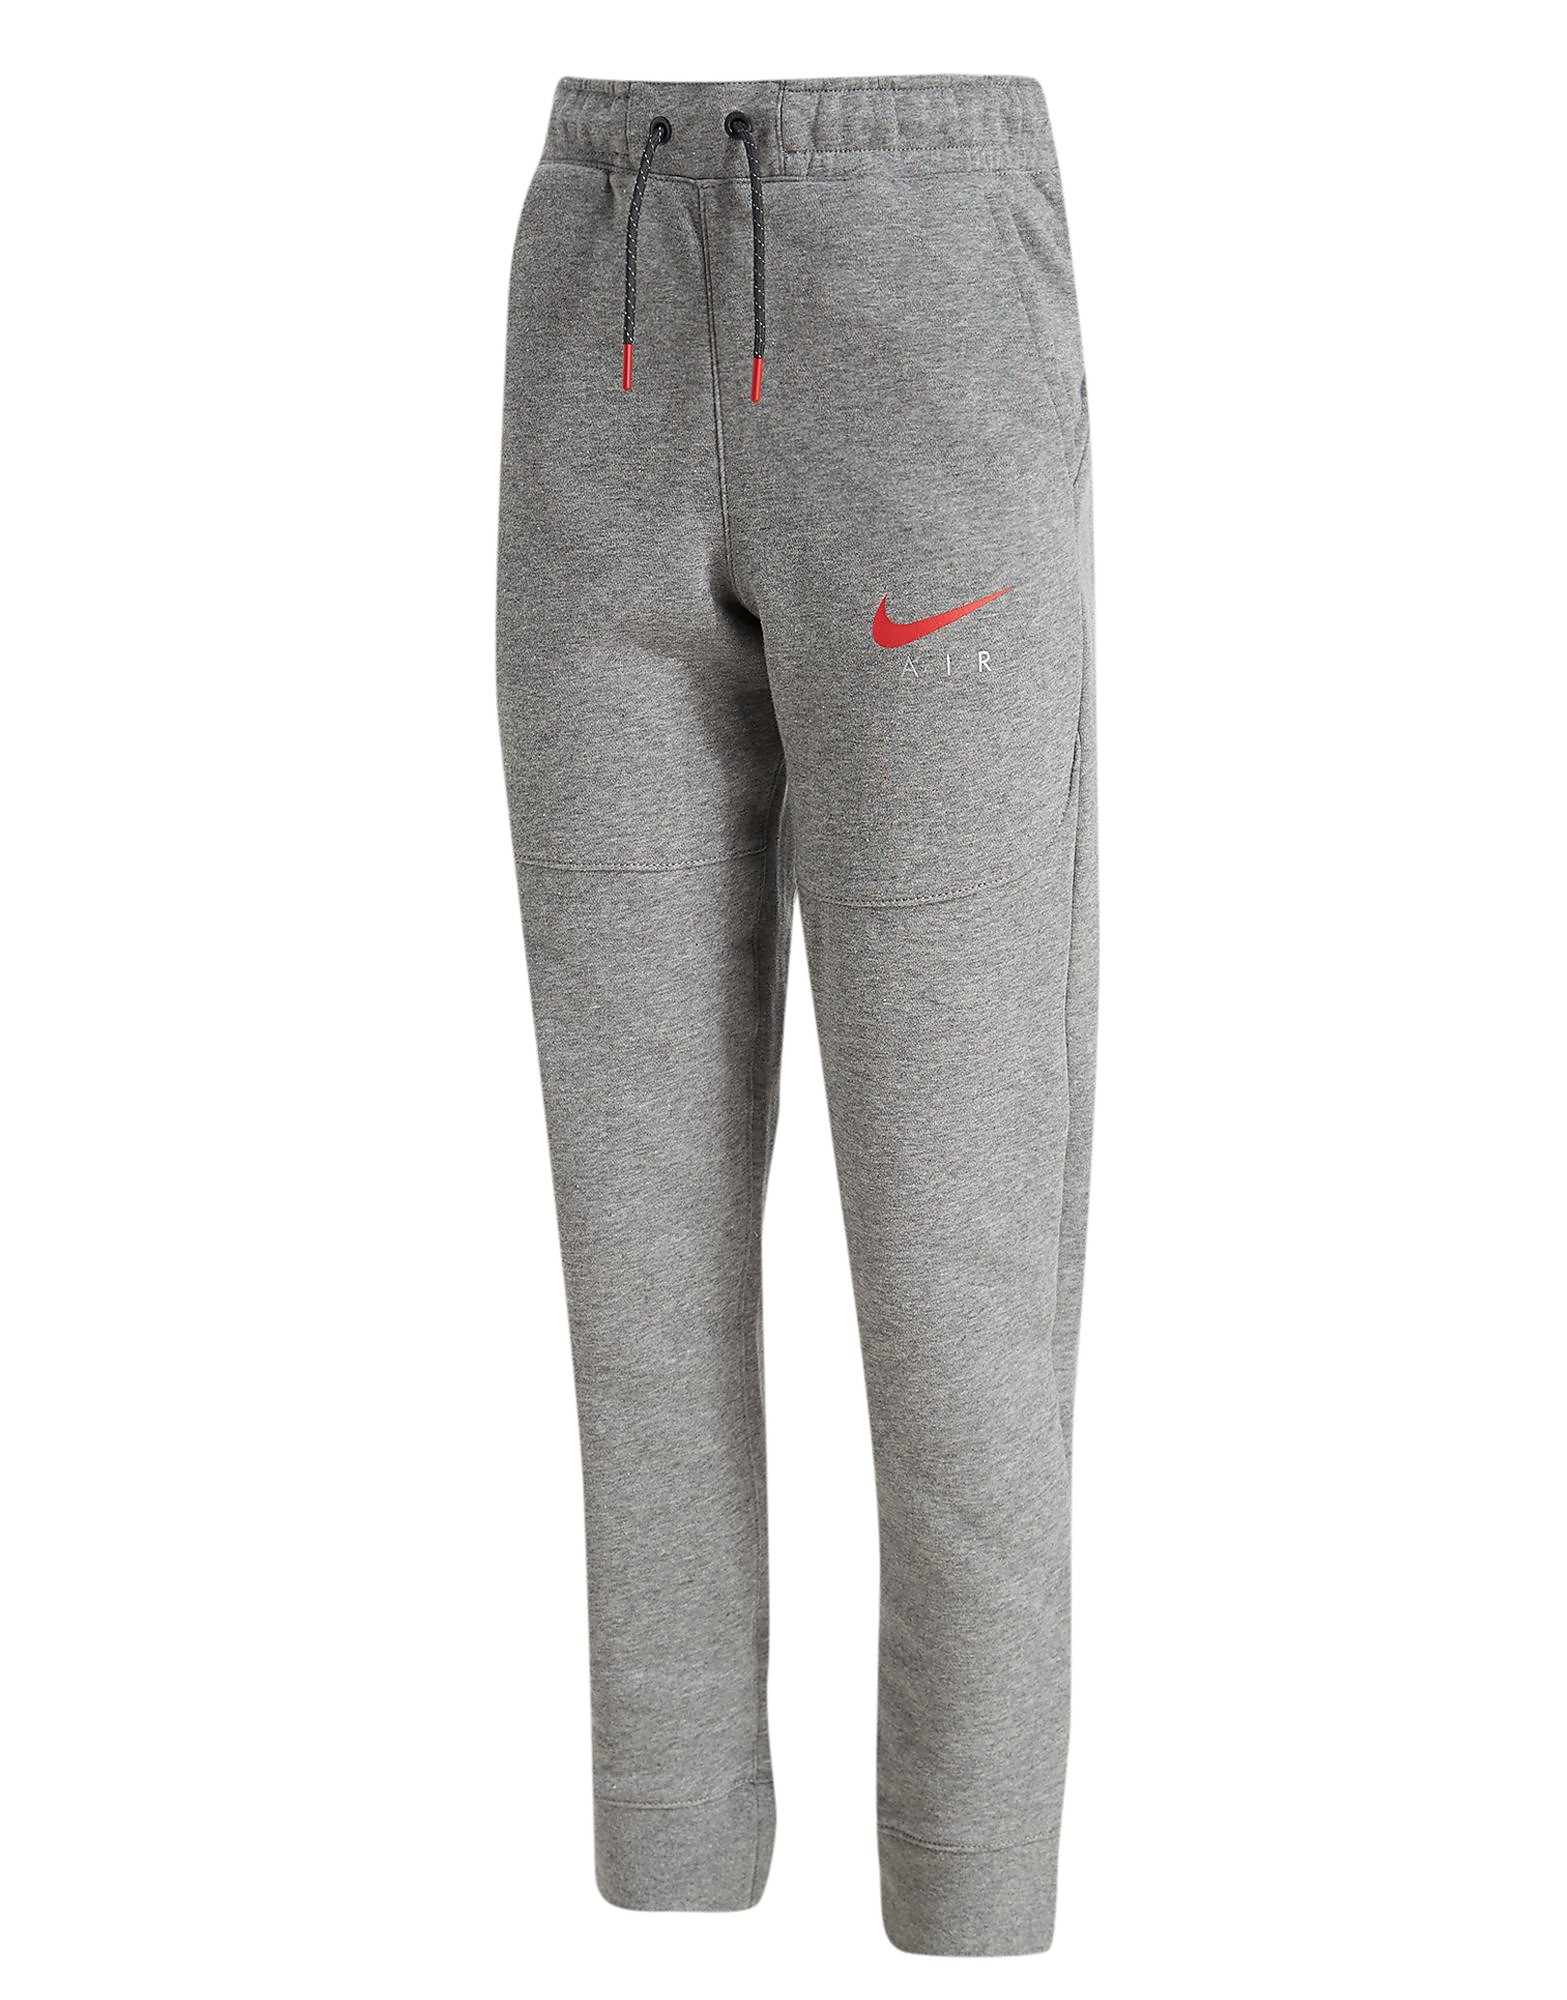 Nike Air byxor för juniorer